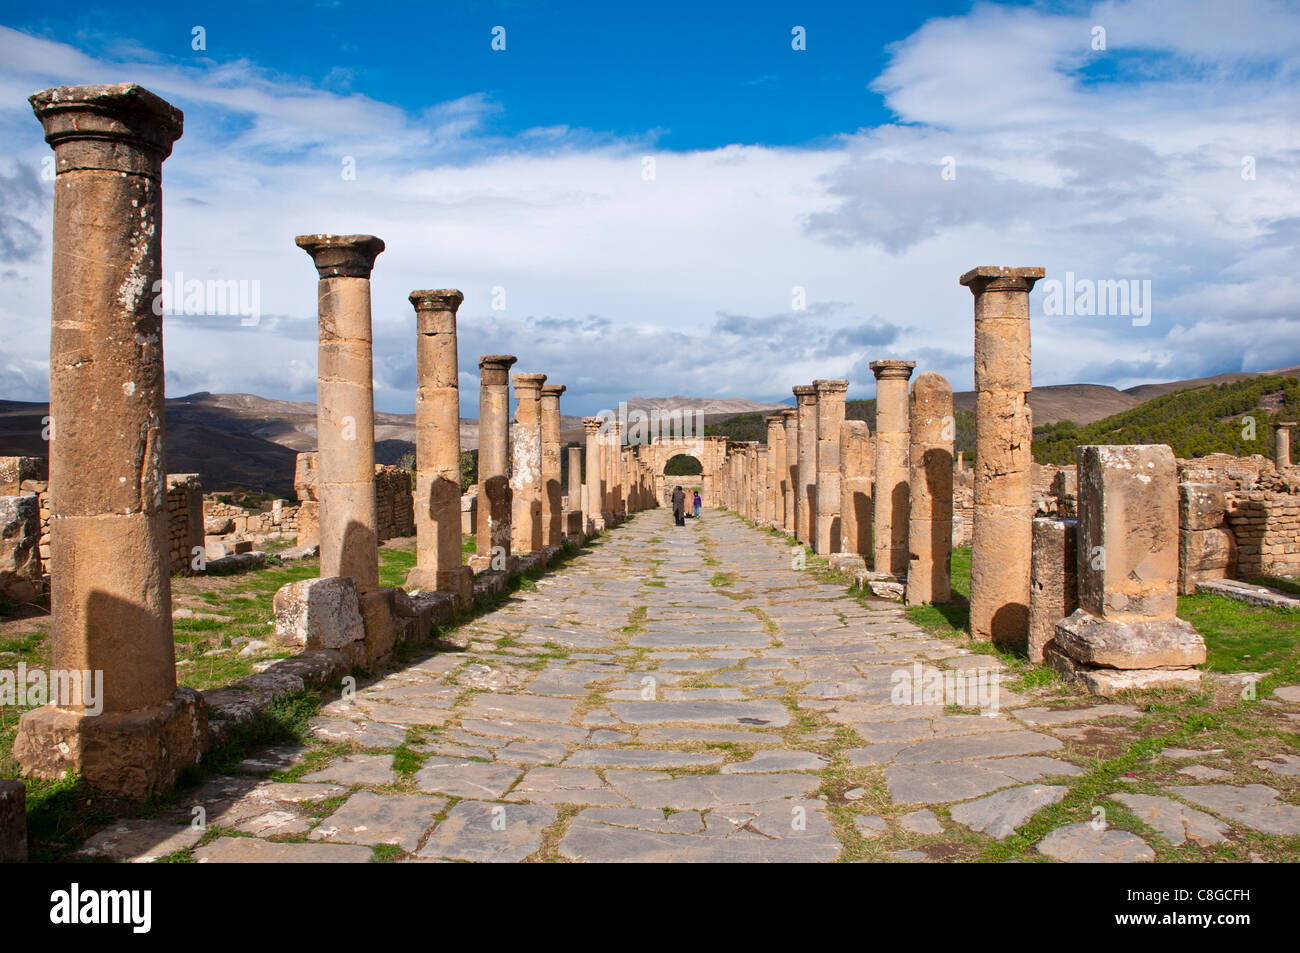 Le rovine romane di Djemila, Sito Patrimonio Mondiale dell'UNESCO, Algeria, Nord Africa Immagini Stock